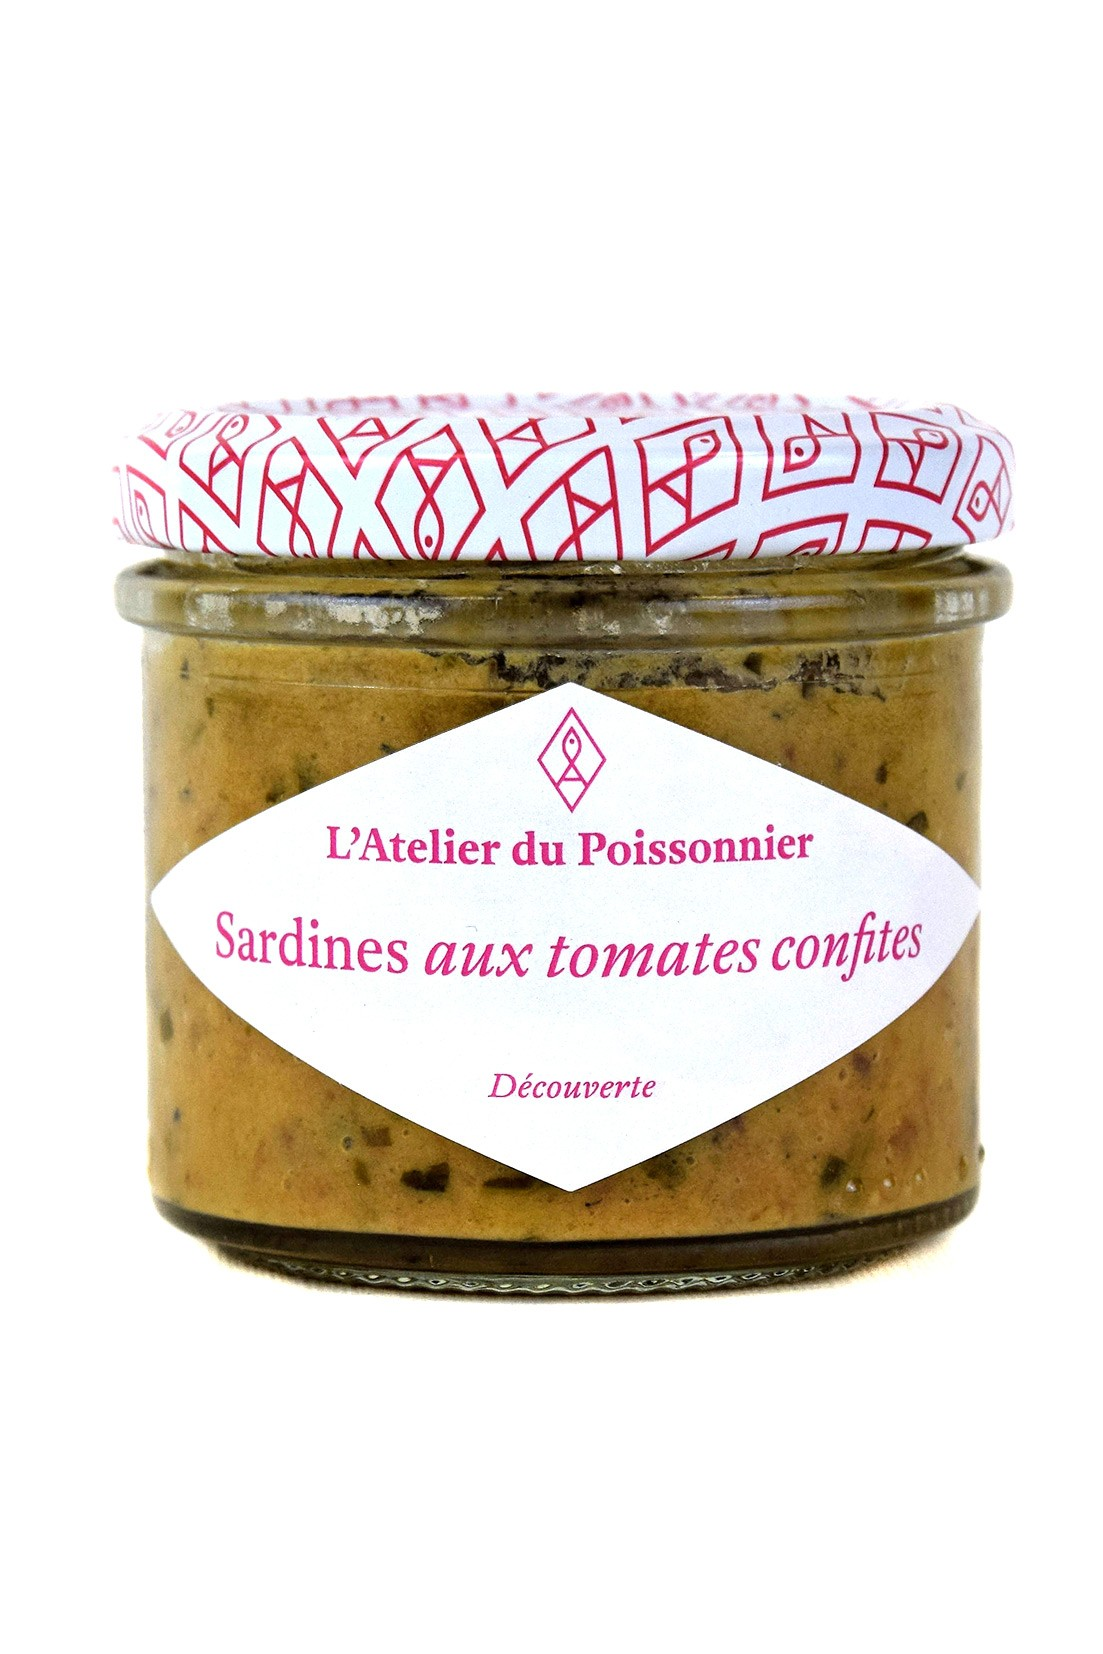 sardines_aux_tomates_confites